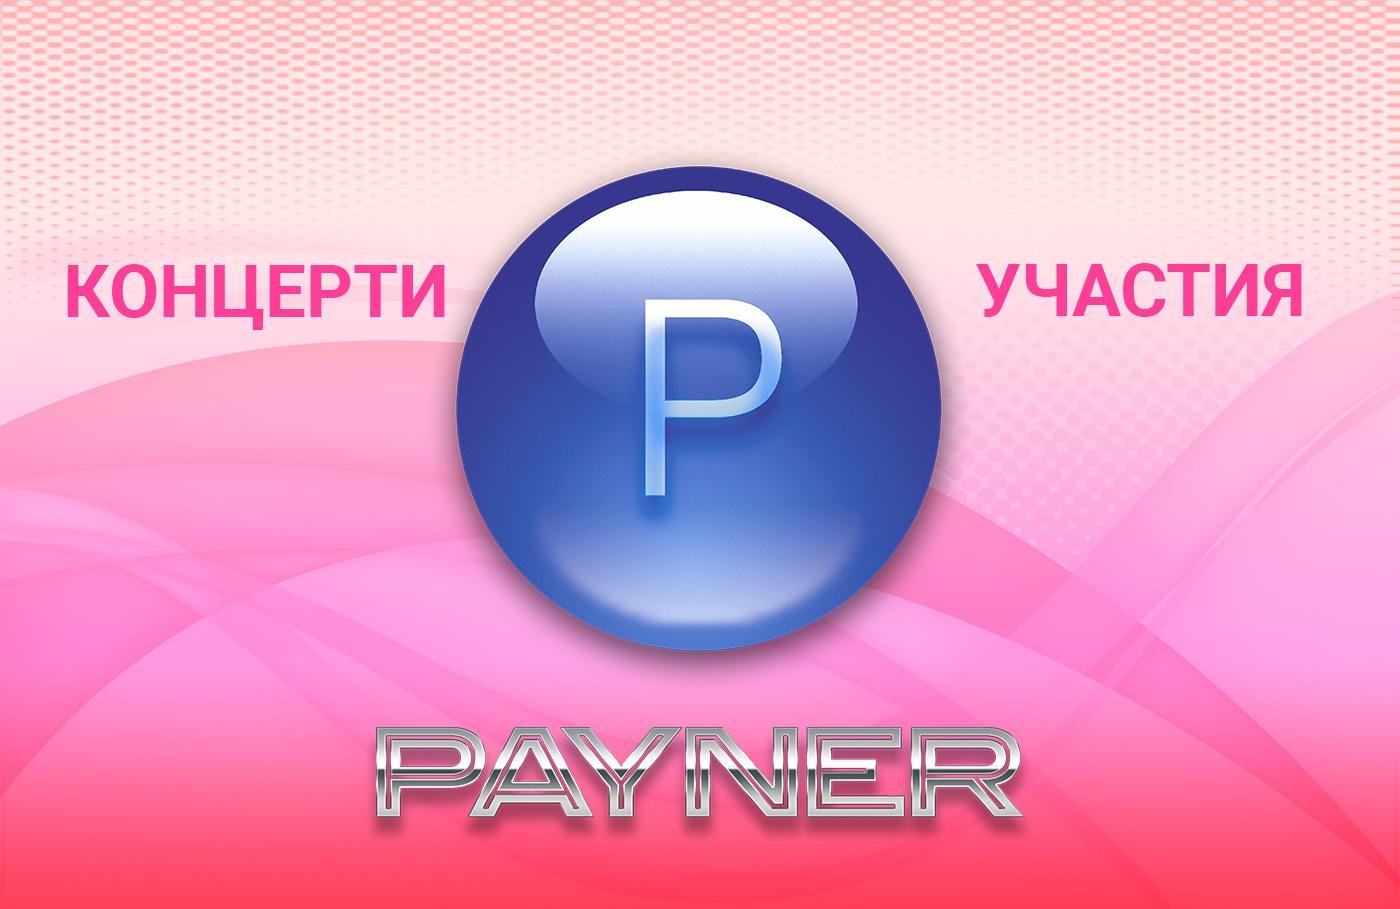 """Участия на звездите на """"Пайнер"""" на 18.09.2018"""